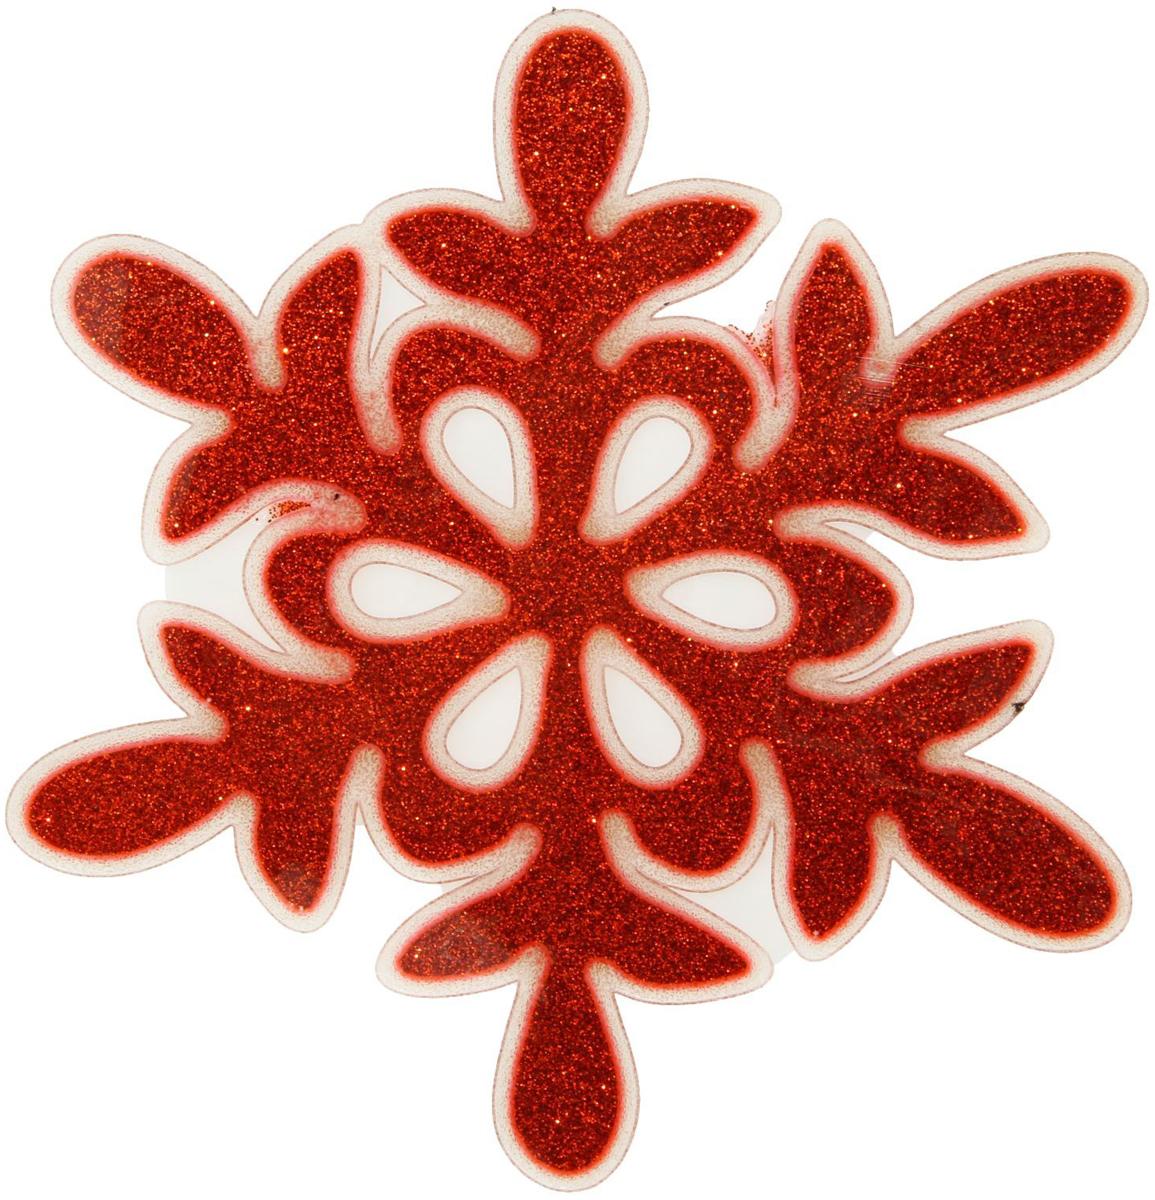 Наклейка на стекло Красная блестящая снежинка1399713Зимой не только мороз украшает стекла узорами. Сделайте интерьер еще торжественней: преобразите его с помощью специальных наклеек! Декор из силикона не содержит клей и не оставляет следов. Пластичная фигурка сама прилипает к гладкой поверхности, а в конце зимних праздников ее легко снять и отложить до следующего года. Прикрепите на стекло или зеркало одно украшение или создайте целую композицию. Новогодние наклейки приблизят праздничное настроение!